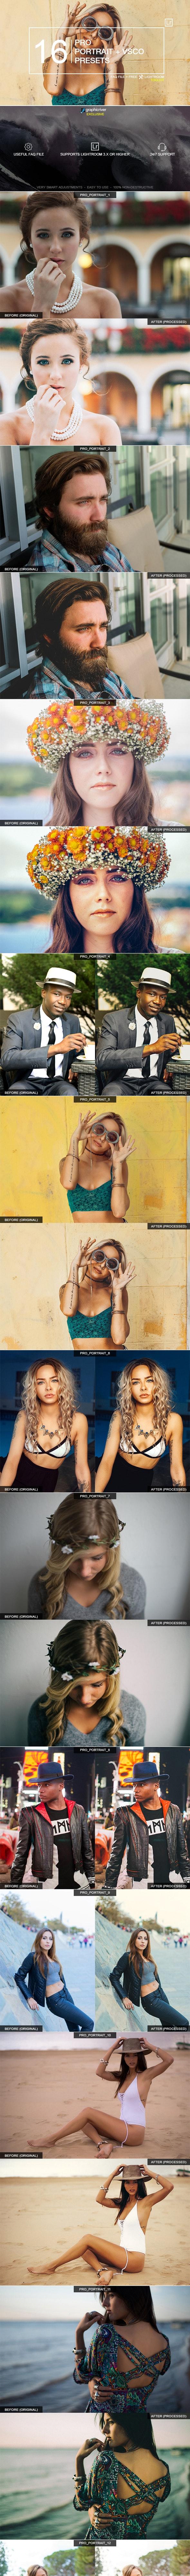 16 Pro Portrait + VSCO Presets - Portrait Lightroom Presets